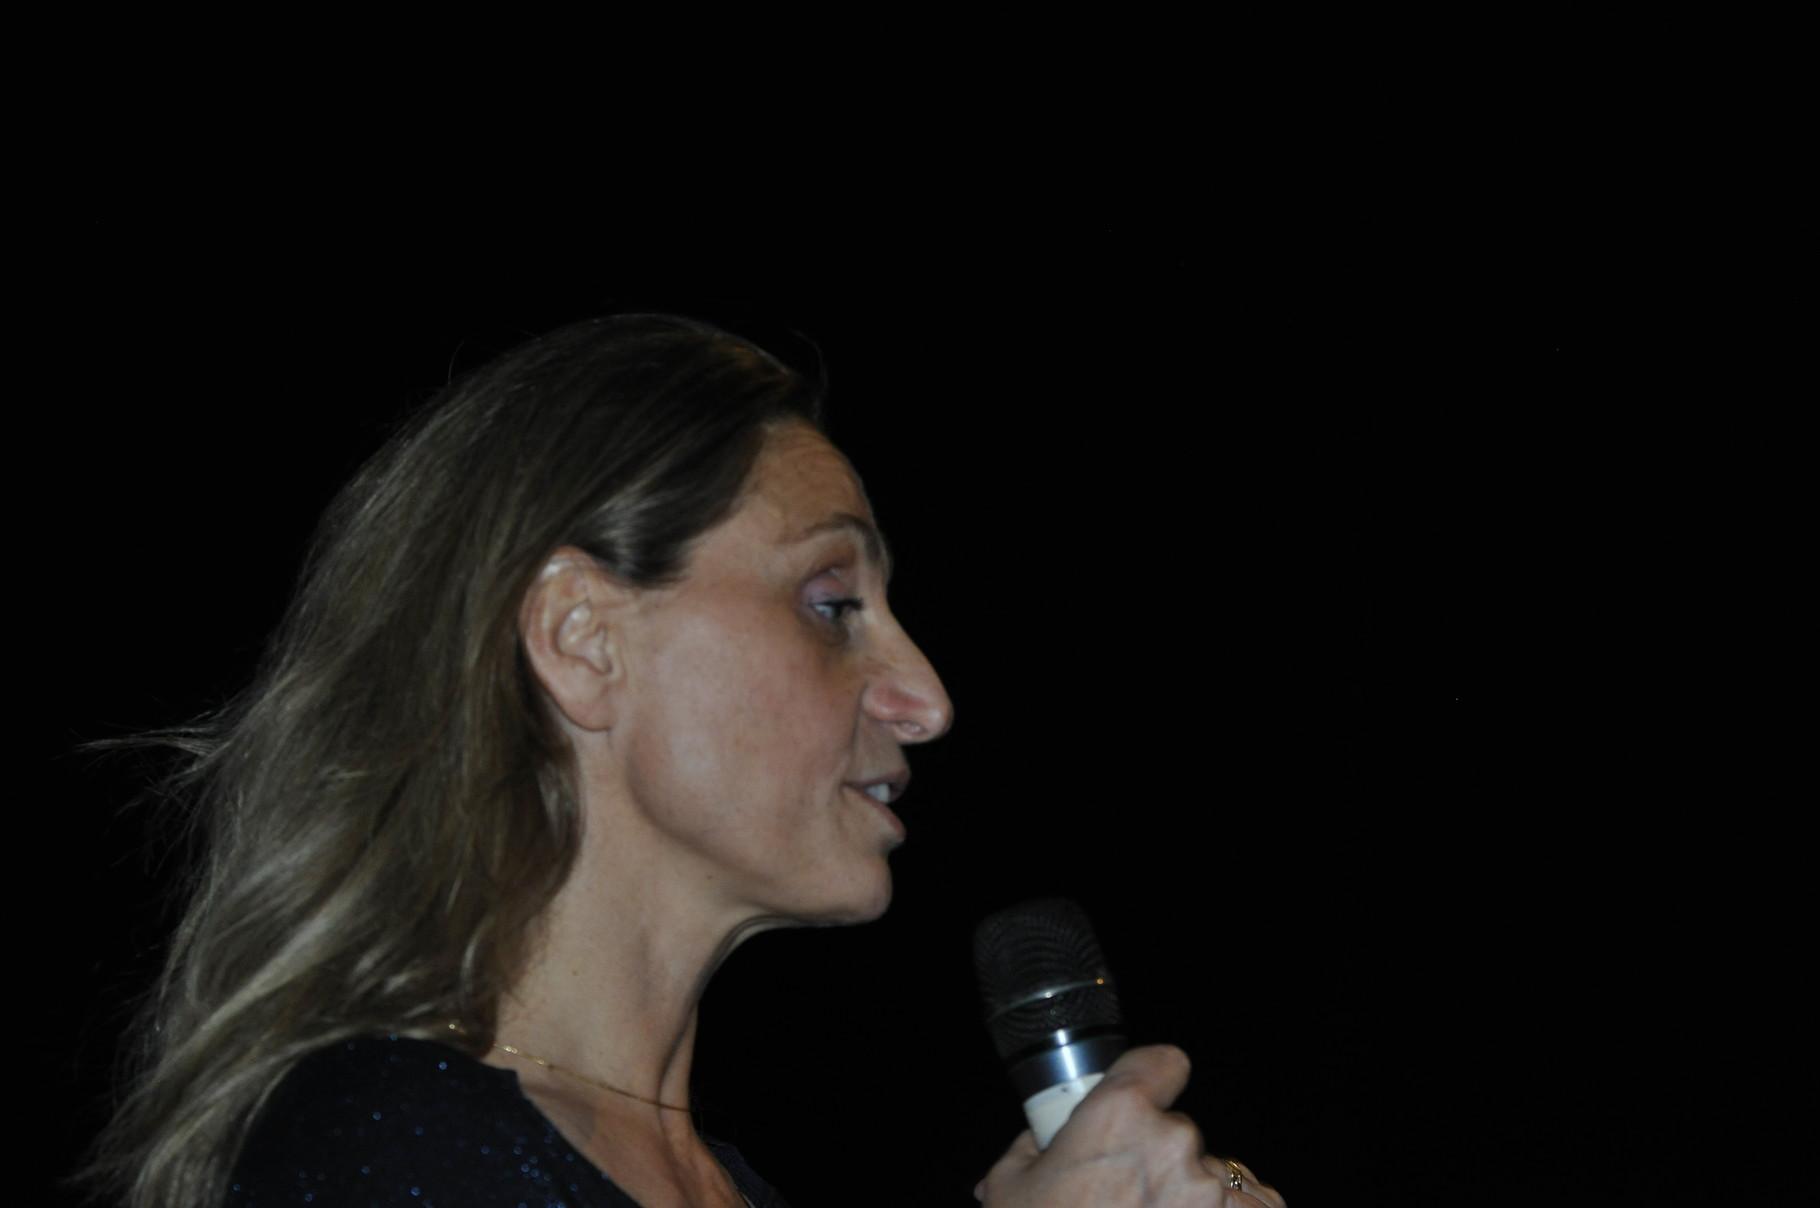 Rebecca Boulanger, réalisatrice, présente Les momies des tourbières : des corps pour les dieux qui obtiendra le prix du court-métrage